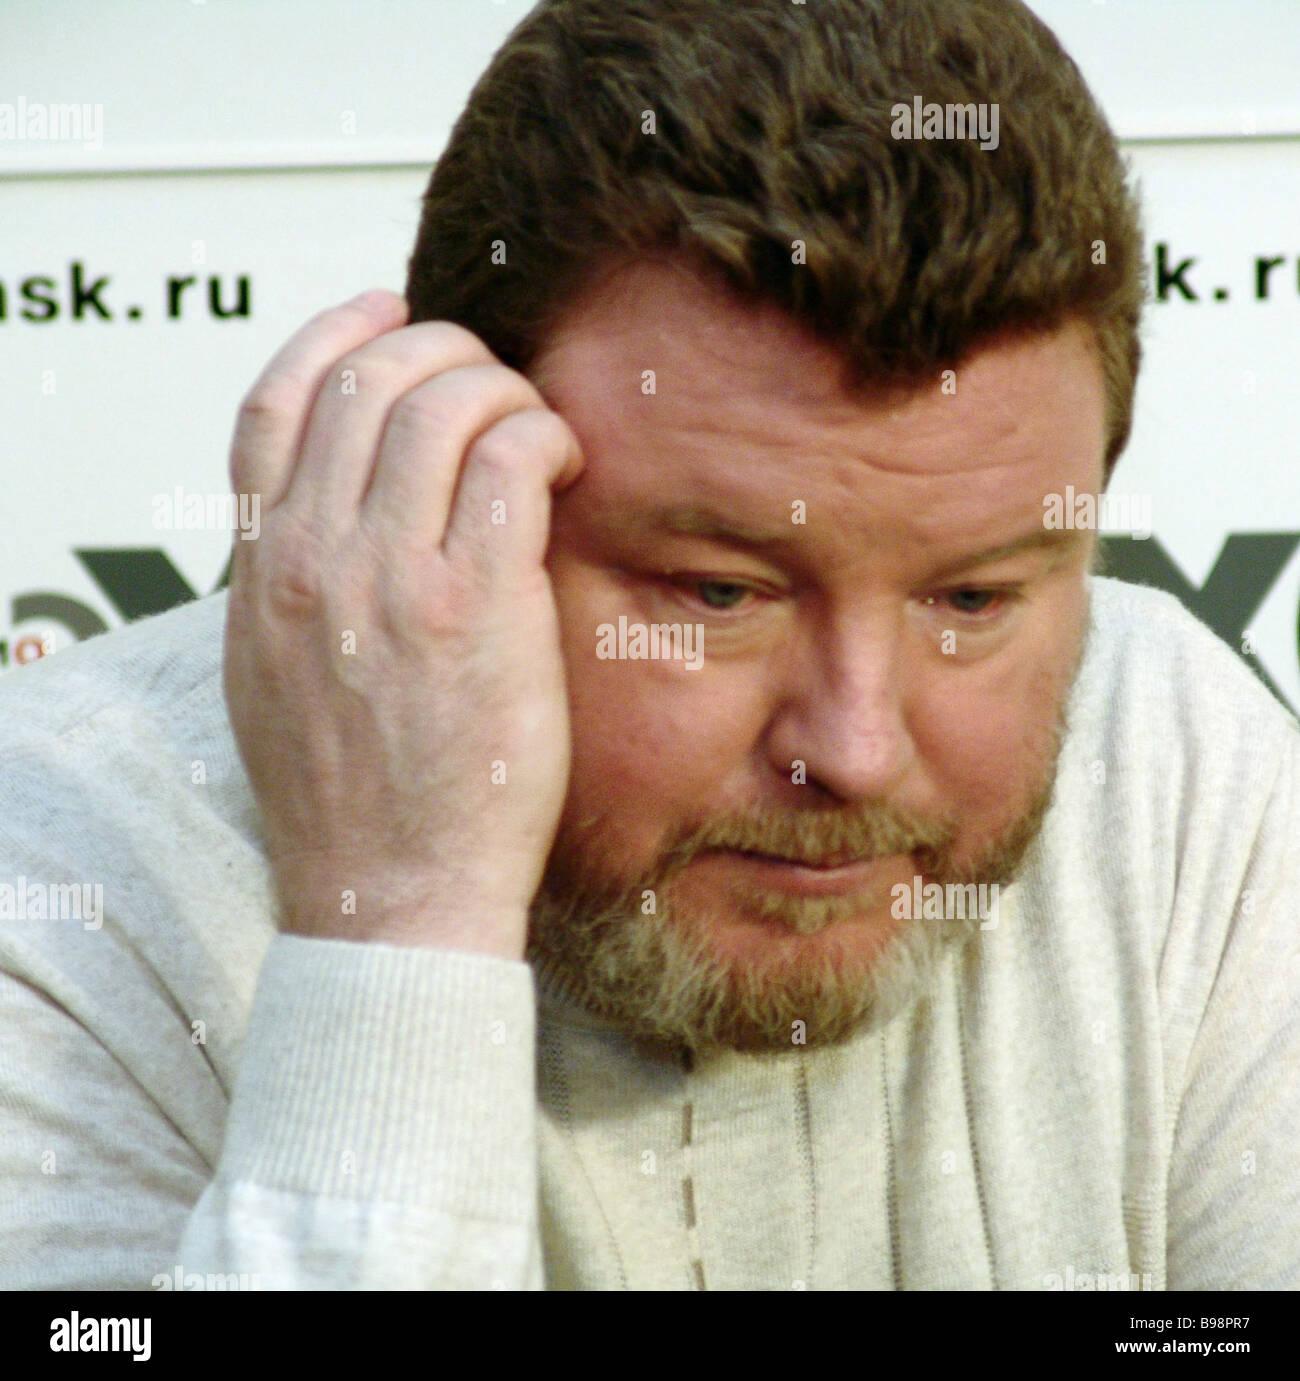 Governatore di Altai territorio Mikhail Yevdokimov ha tenuto una conferenza stampa presso l'Ekho Moskvy stazione Immagini Stock